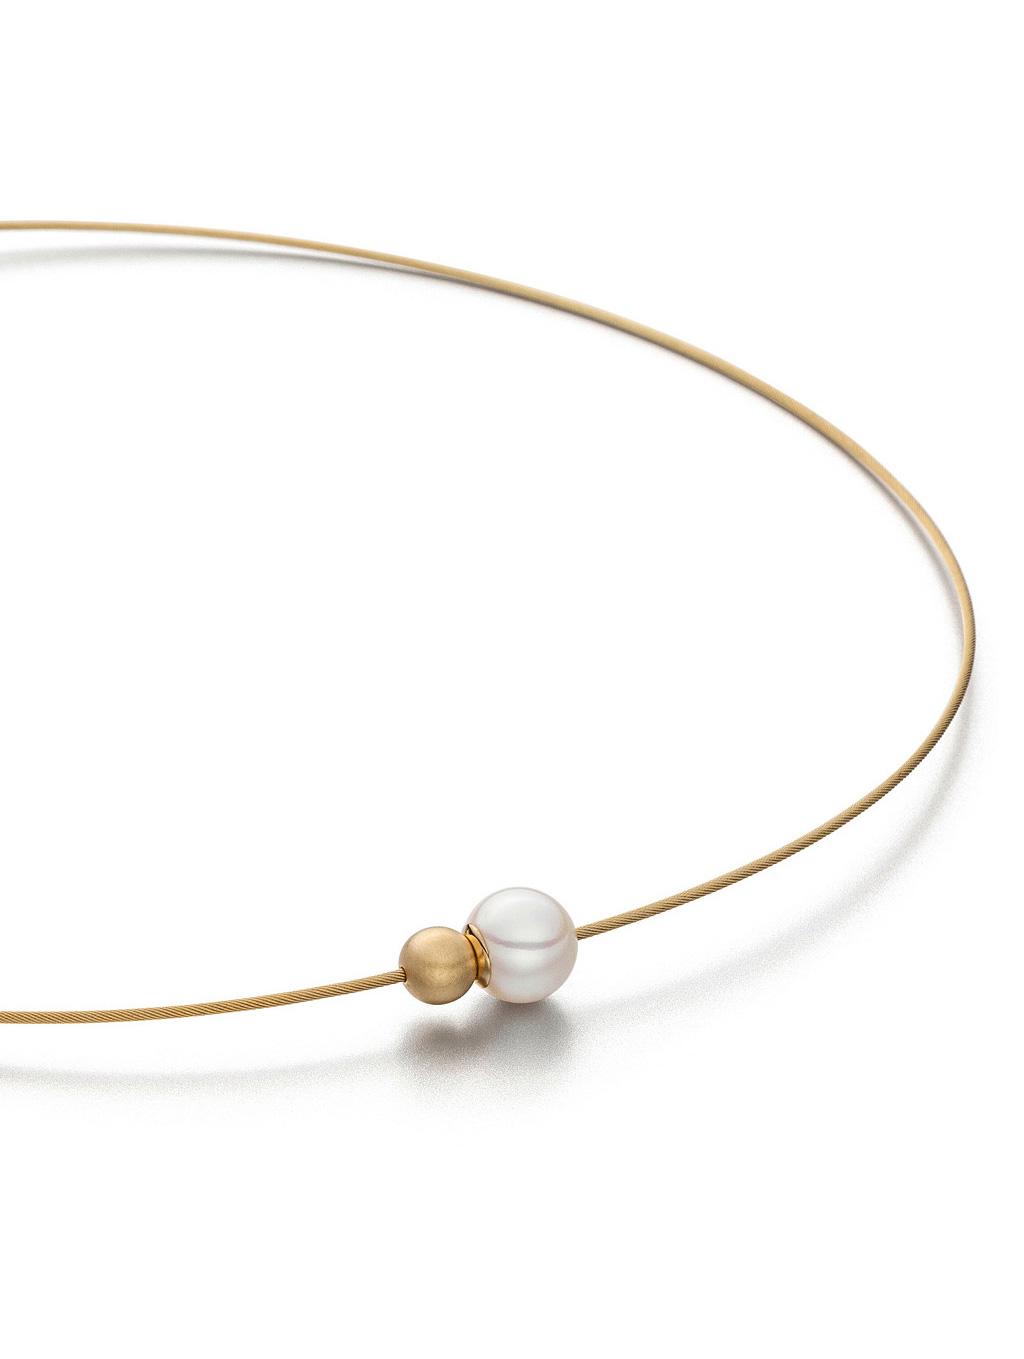 collier two, süßwasserperle, silber vergoldet, edelstahl, magnetverschluss in der perle